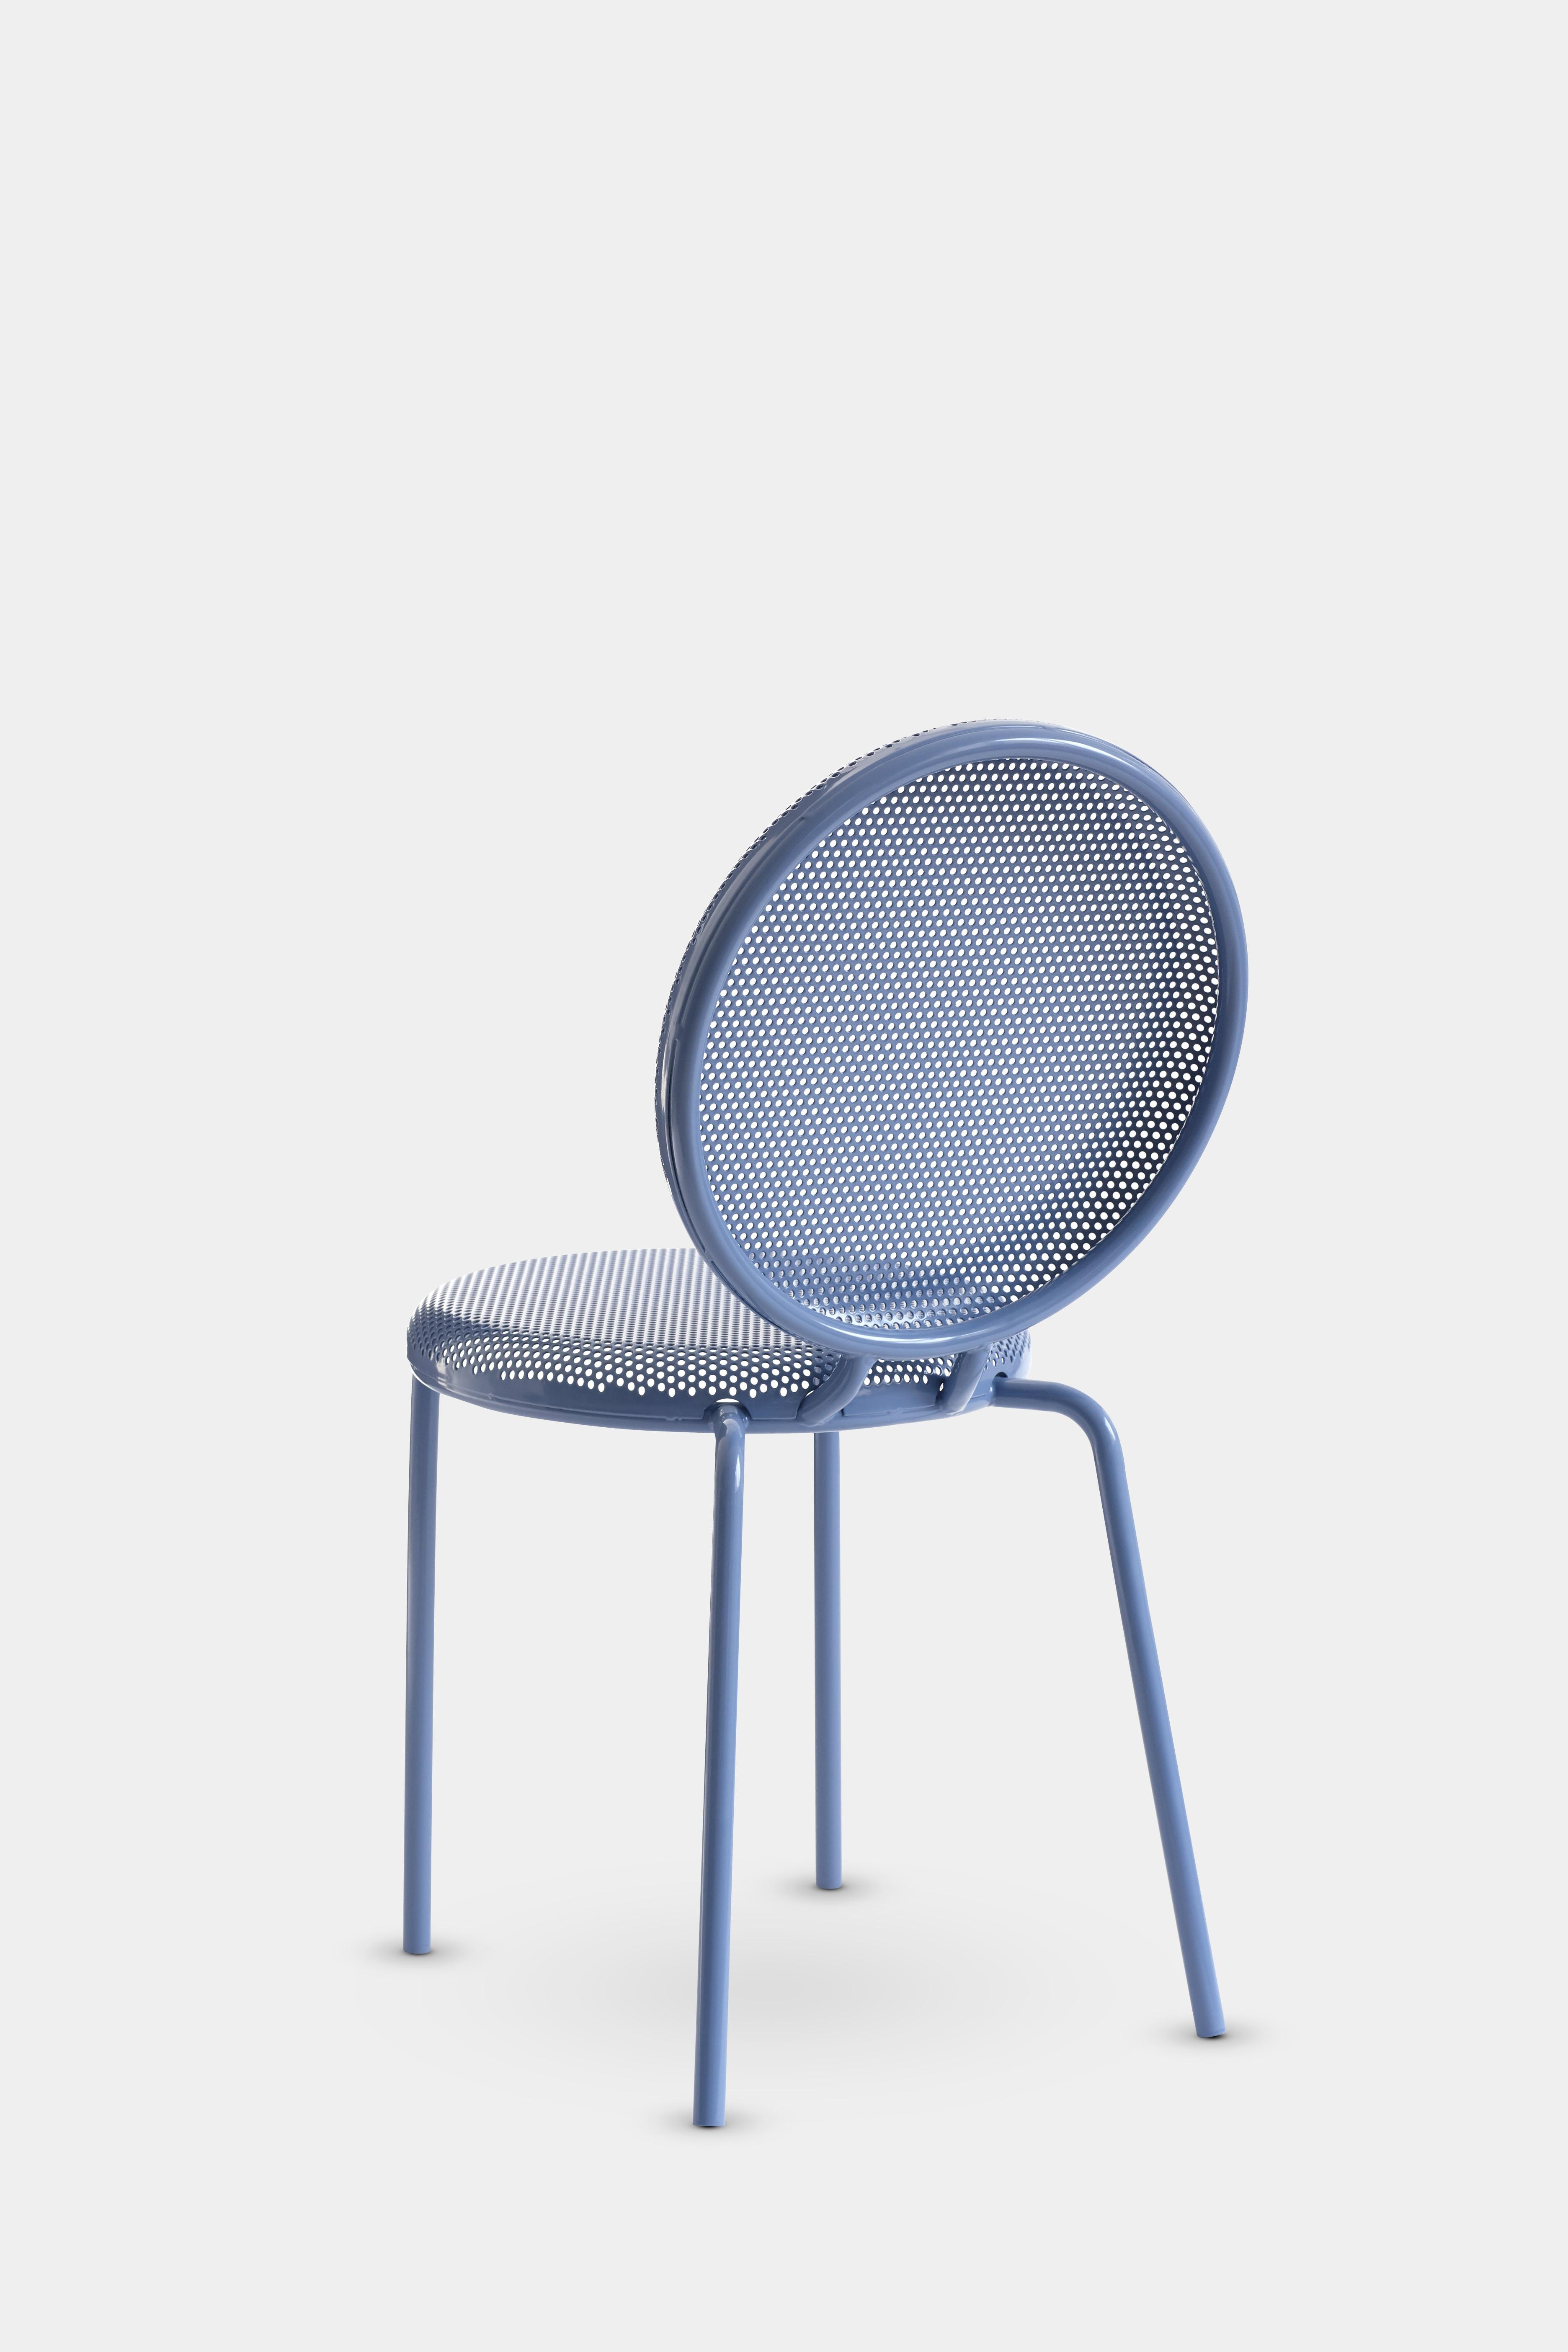 dimma chair 031